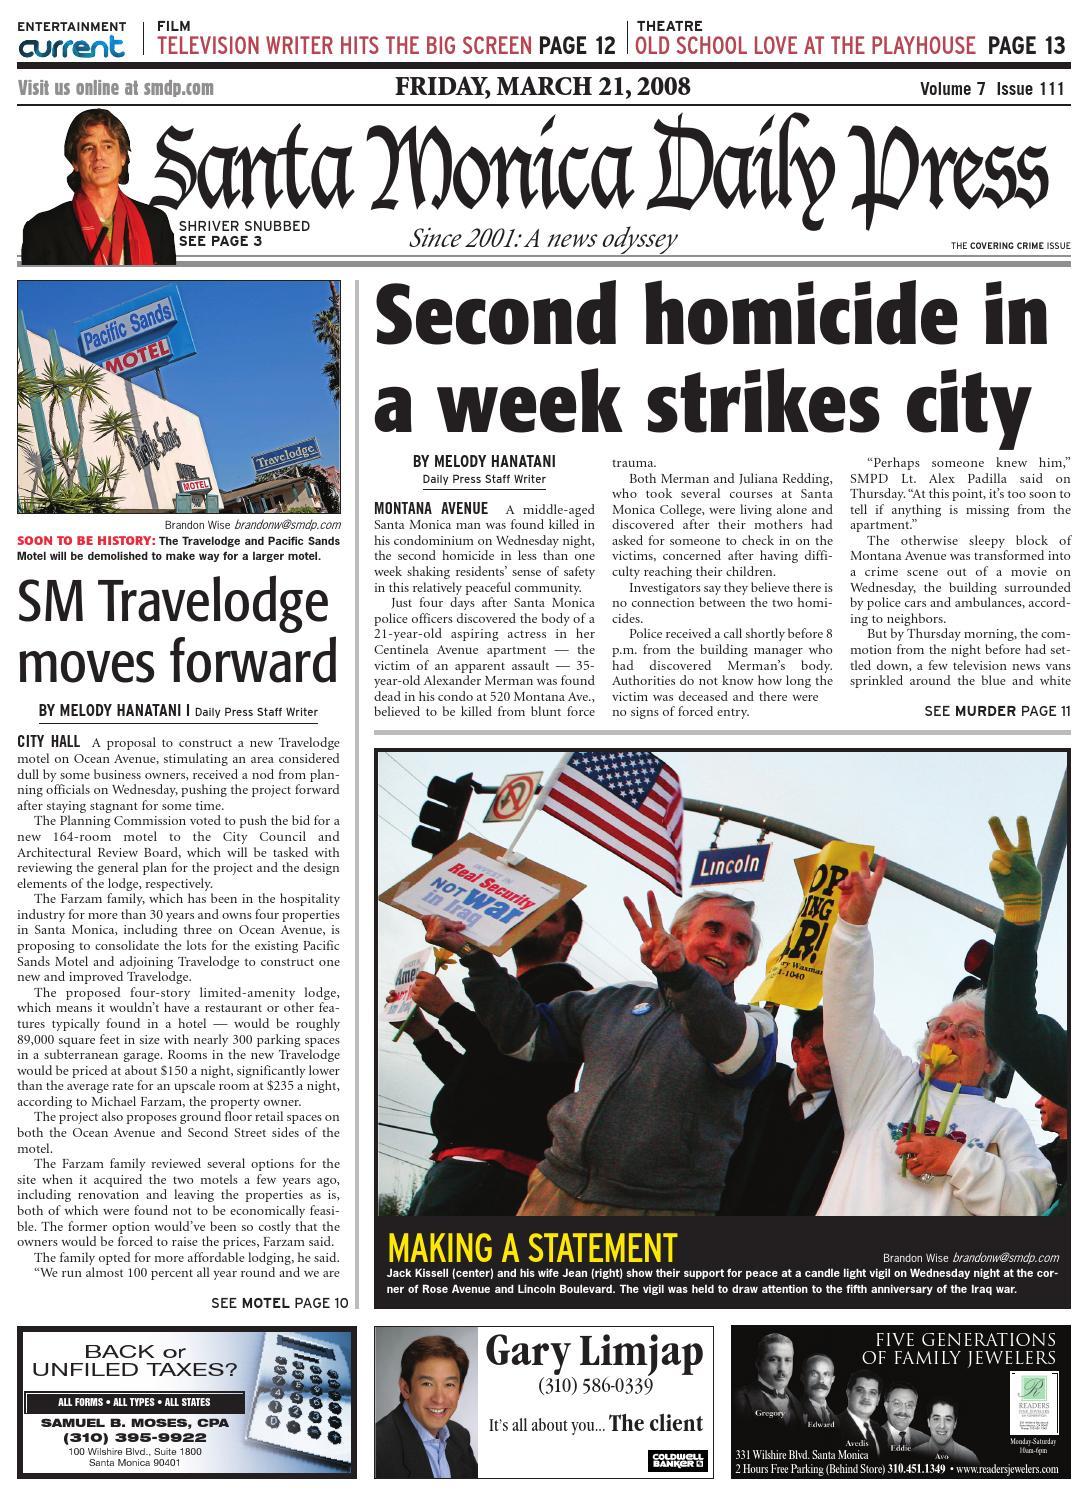 Santa Monica Daily Press, March 21, 2008 by Santa Monica Daily Press - issuu